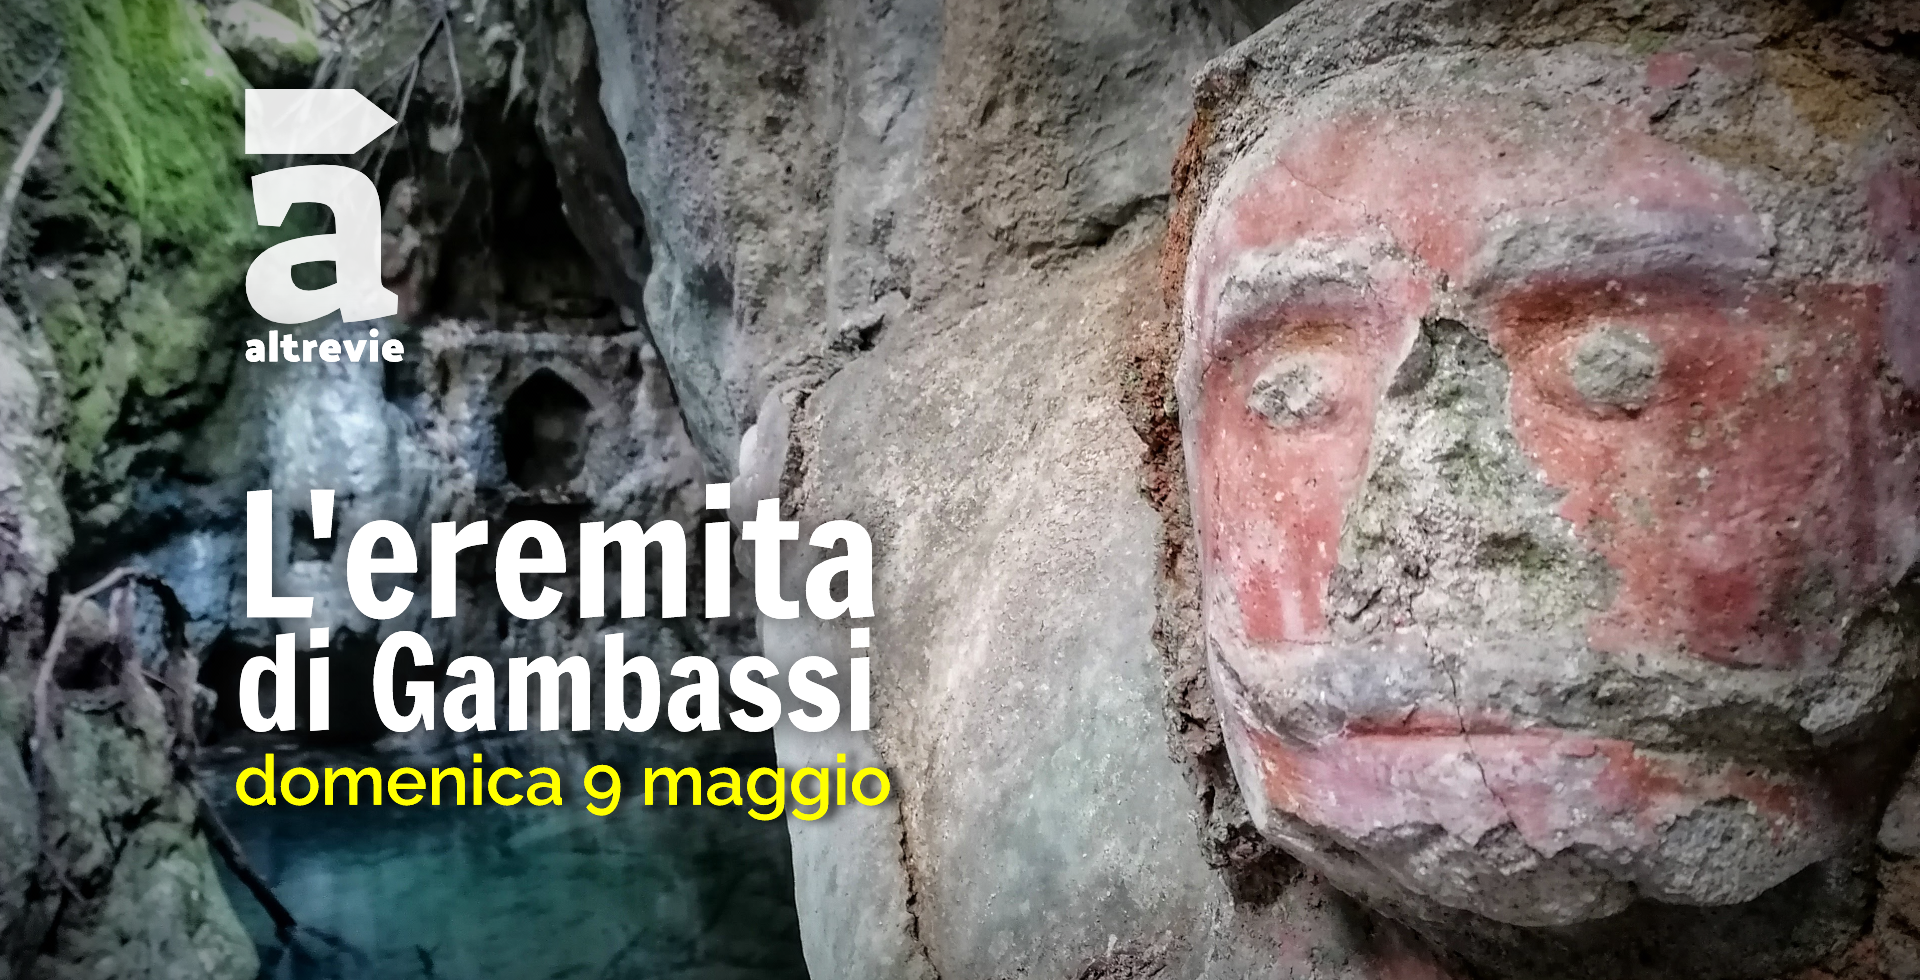 Eremita Gambassi_2021 (4).jpg